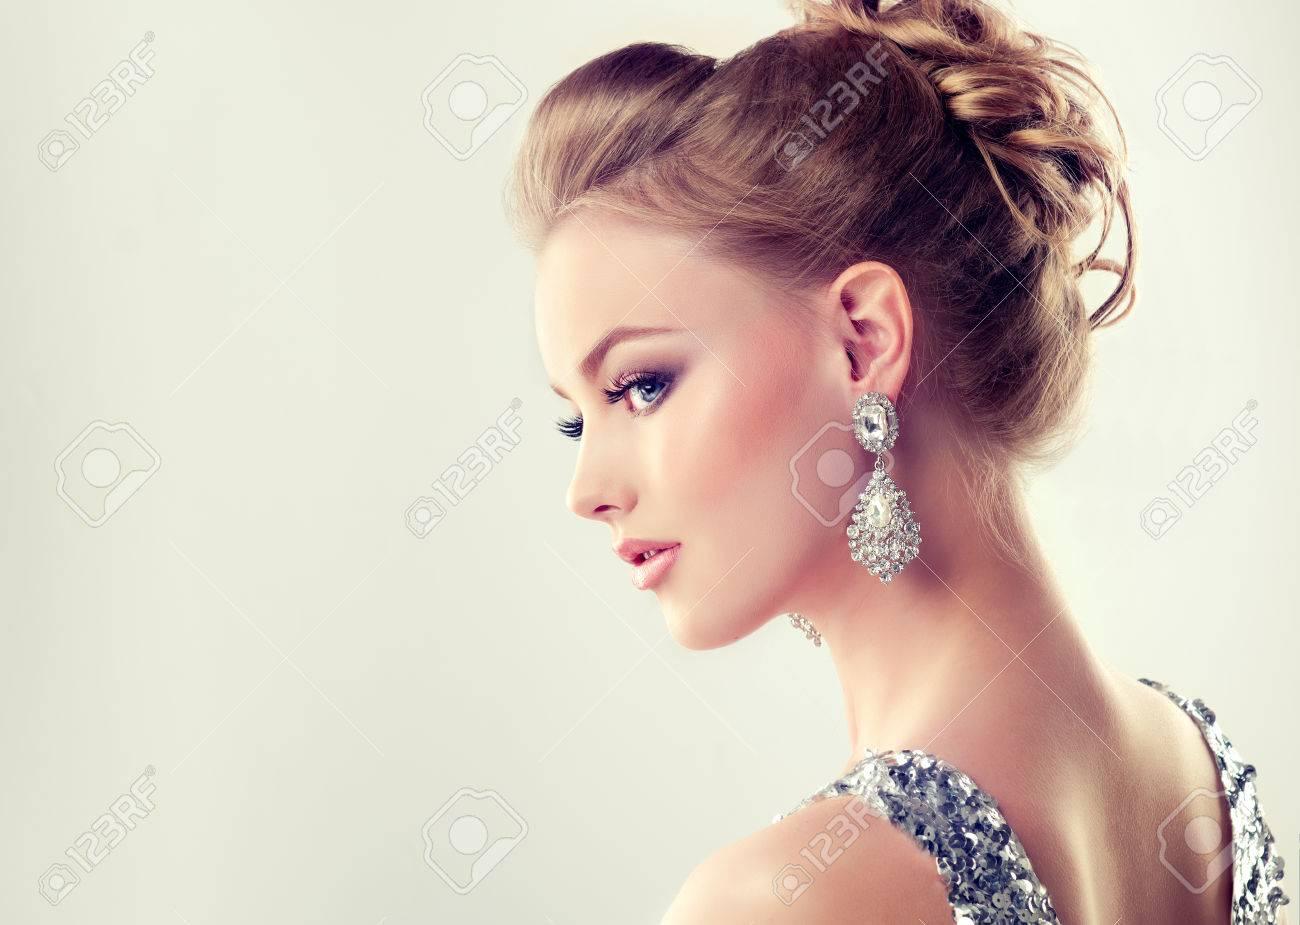 b84dd01a4a7 Portrait De Jeune Fille Magnifique Dans Un Profil Habillé En Robe De  Soirée